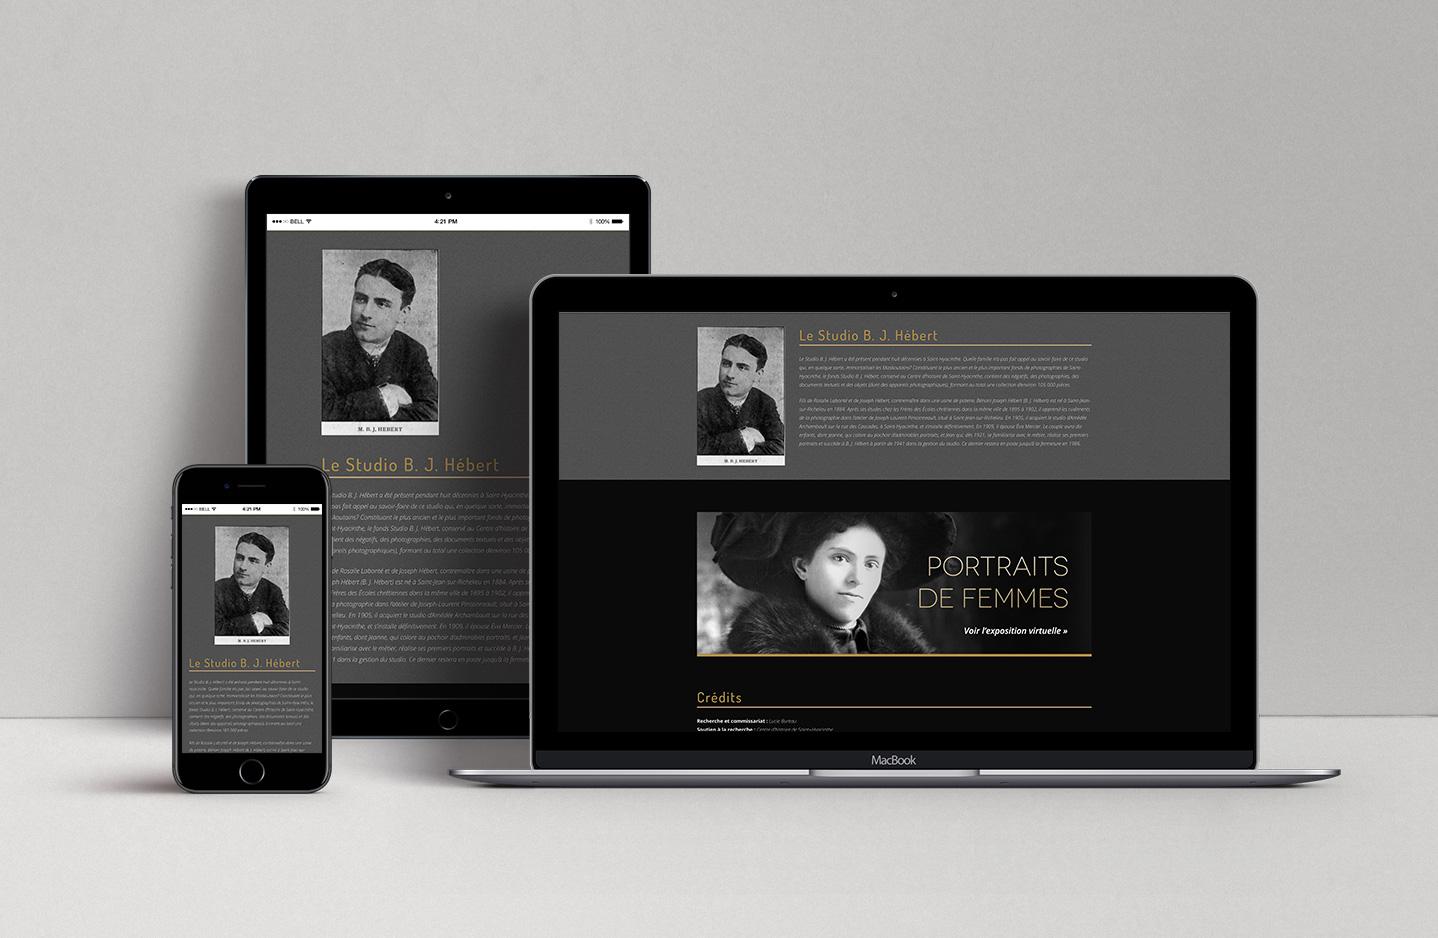 bjhebert-site-web